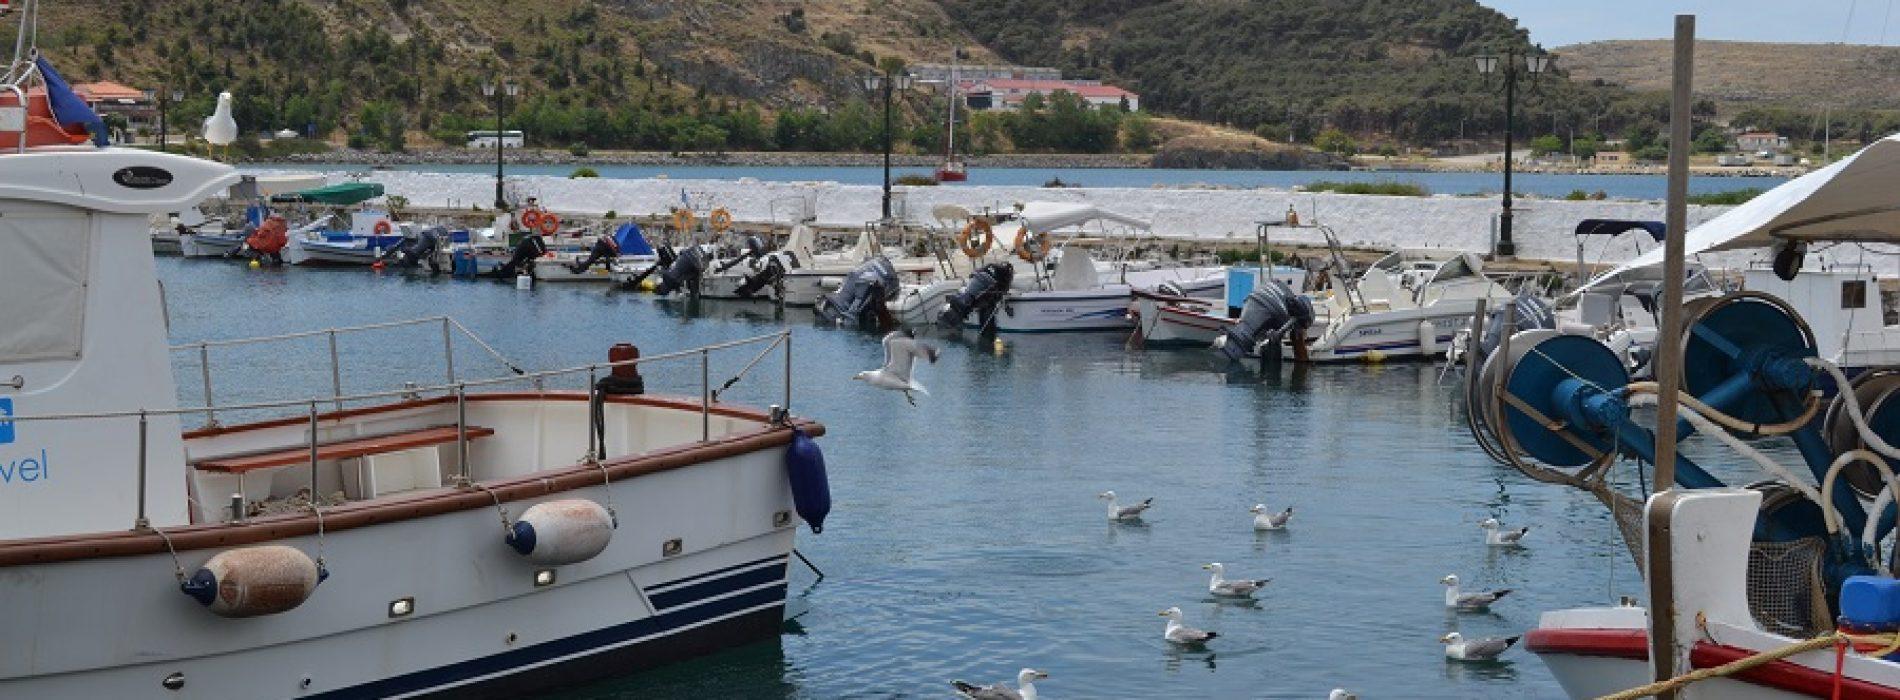 Un colț din insula Limnos, pentru fiecare tip de turist